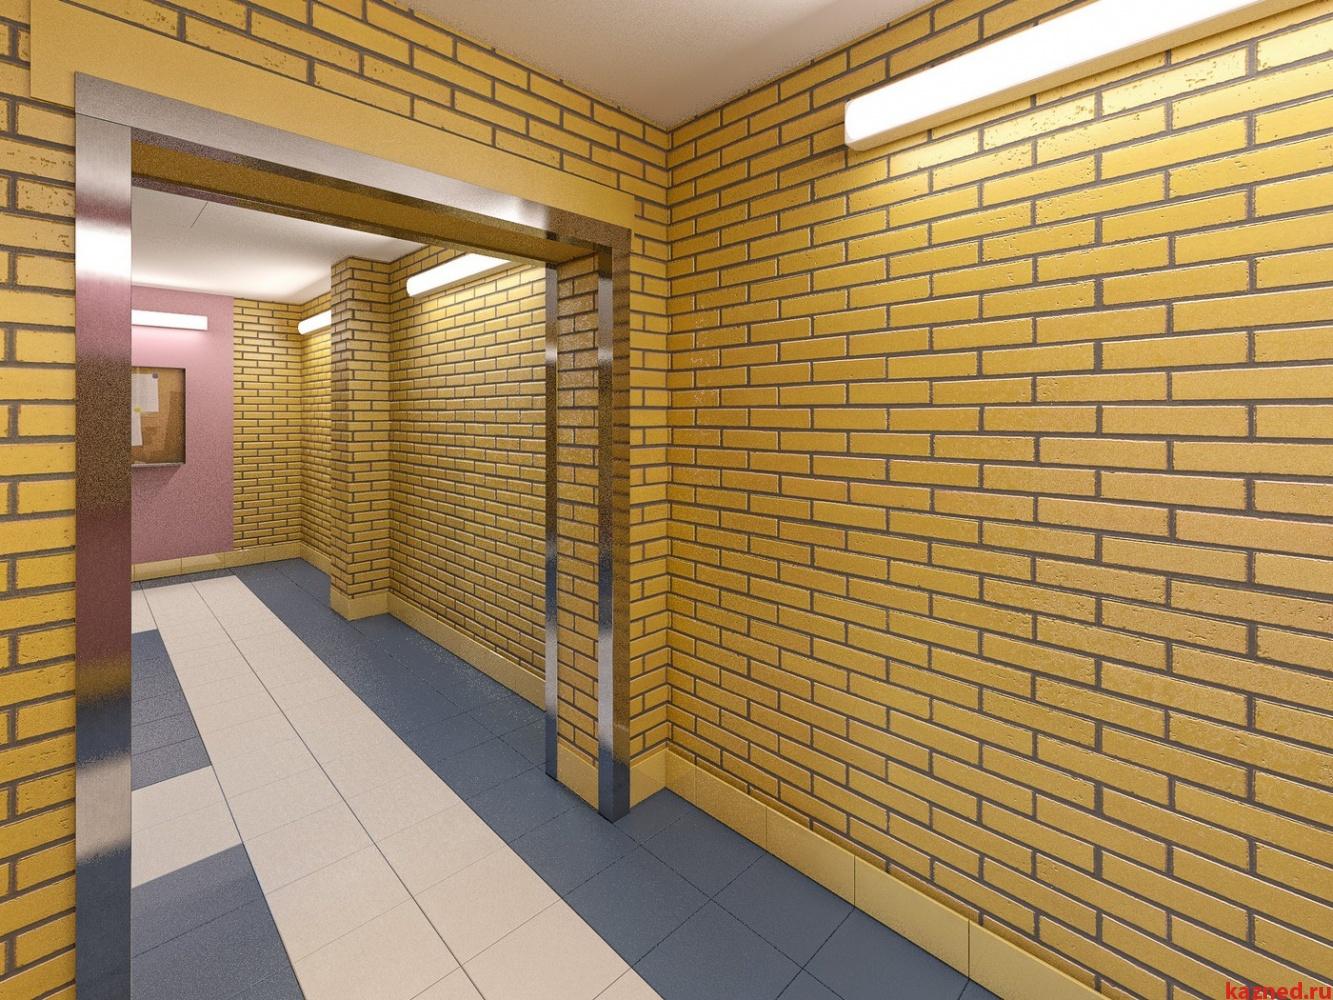 Продажа 1-к квартиры Мамадышский тракт, 36 м²  (миниатюра №12)